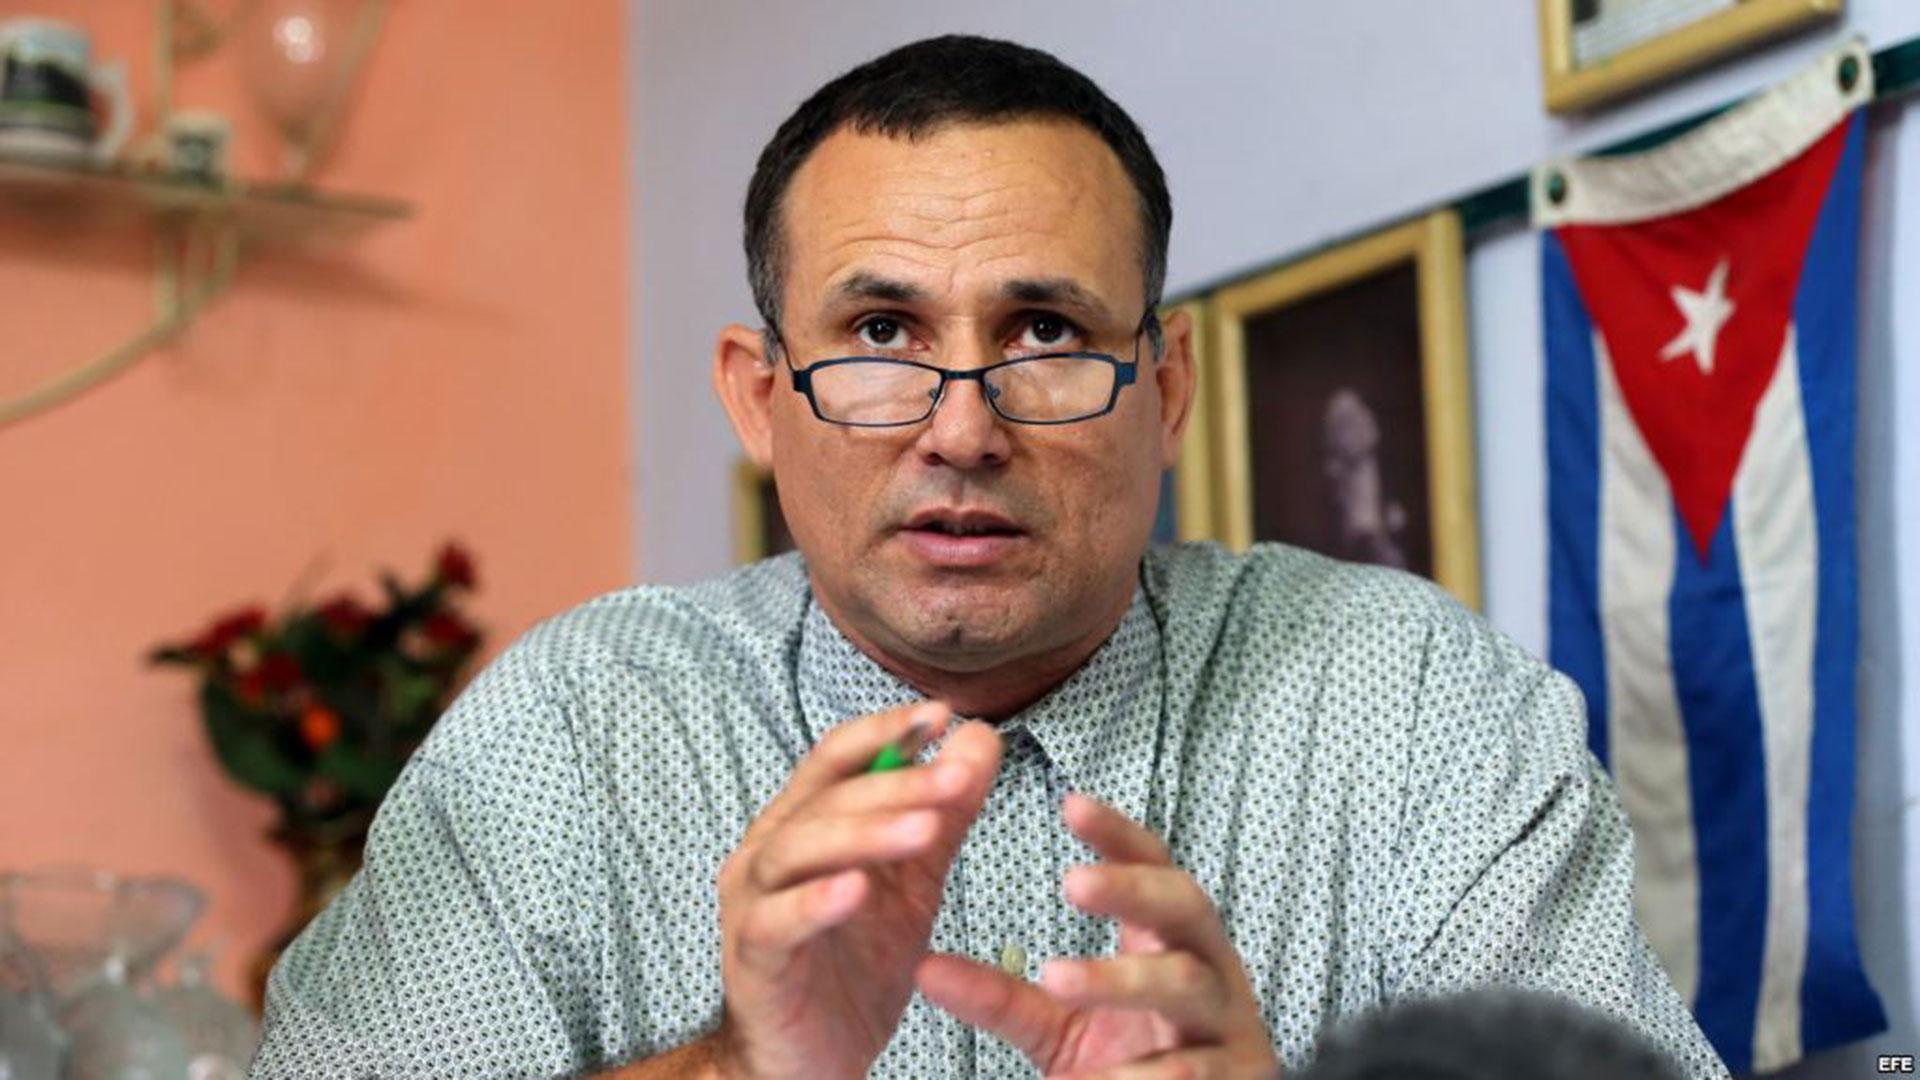 El disidente cubano José D. Ferrer cumplirá detención domiciliaria